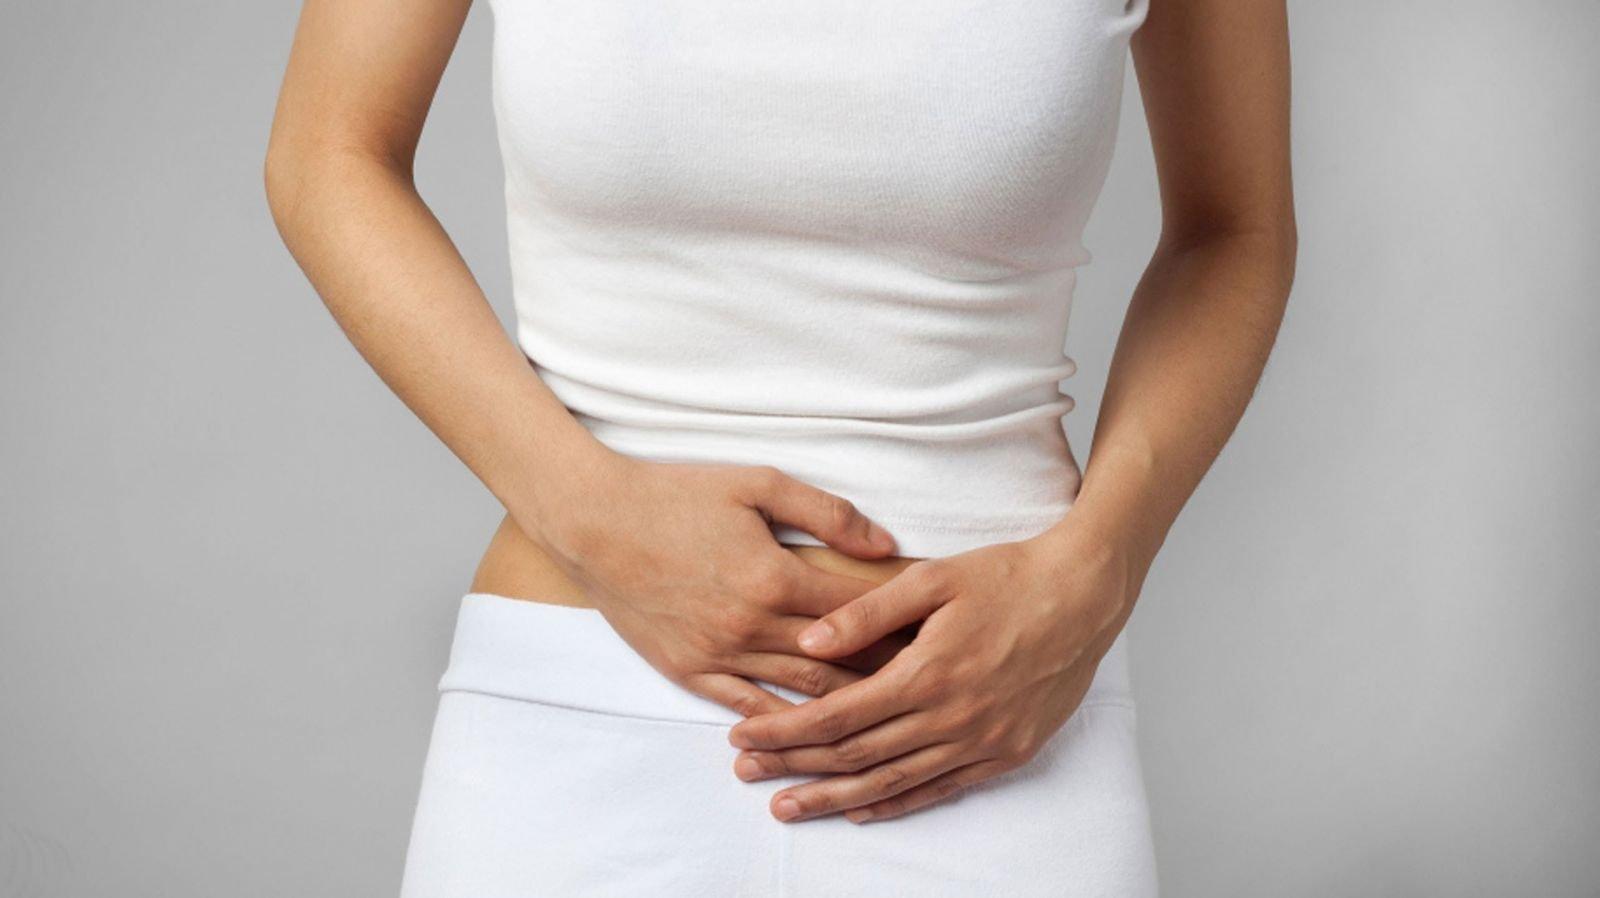 Колит кишечника симтомы и лечение